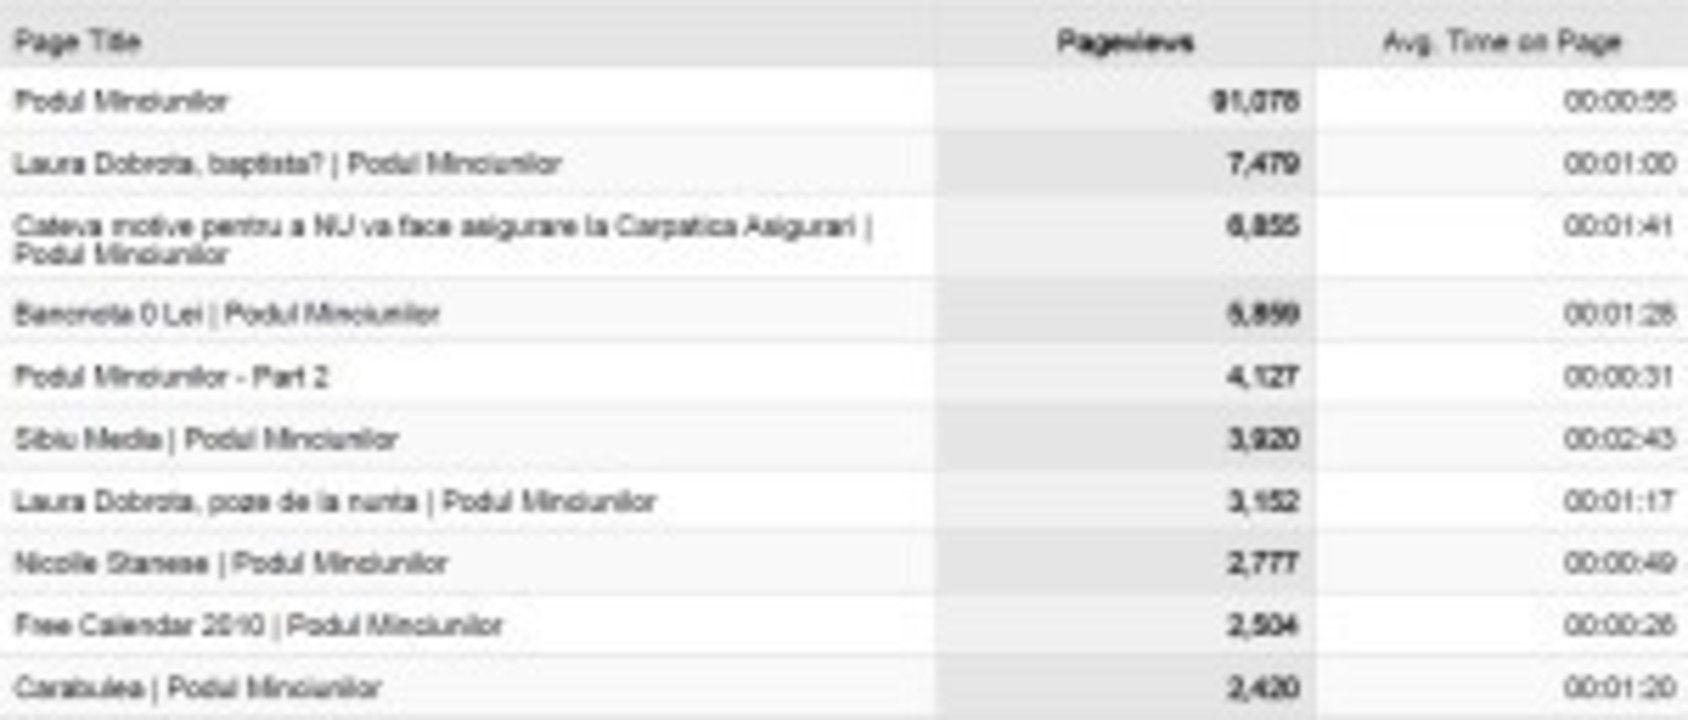 Blogul Podul Minciunilor in 2010. Statistici si unele comentarii